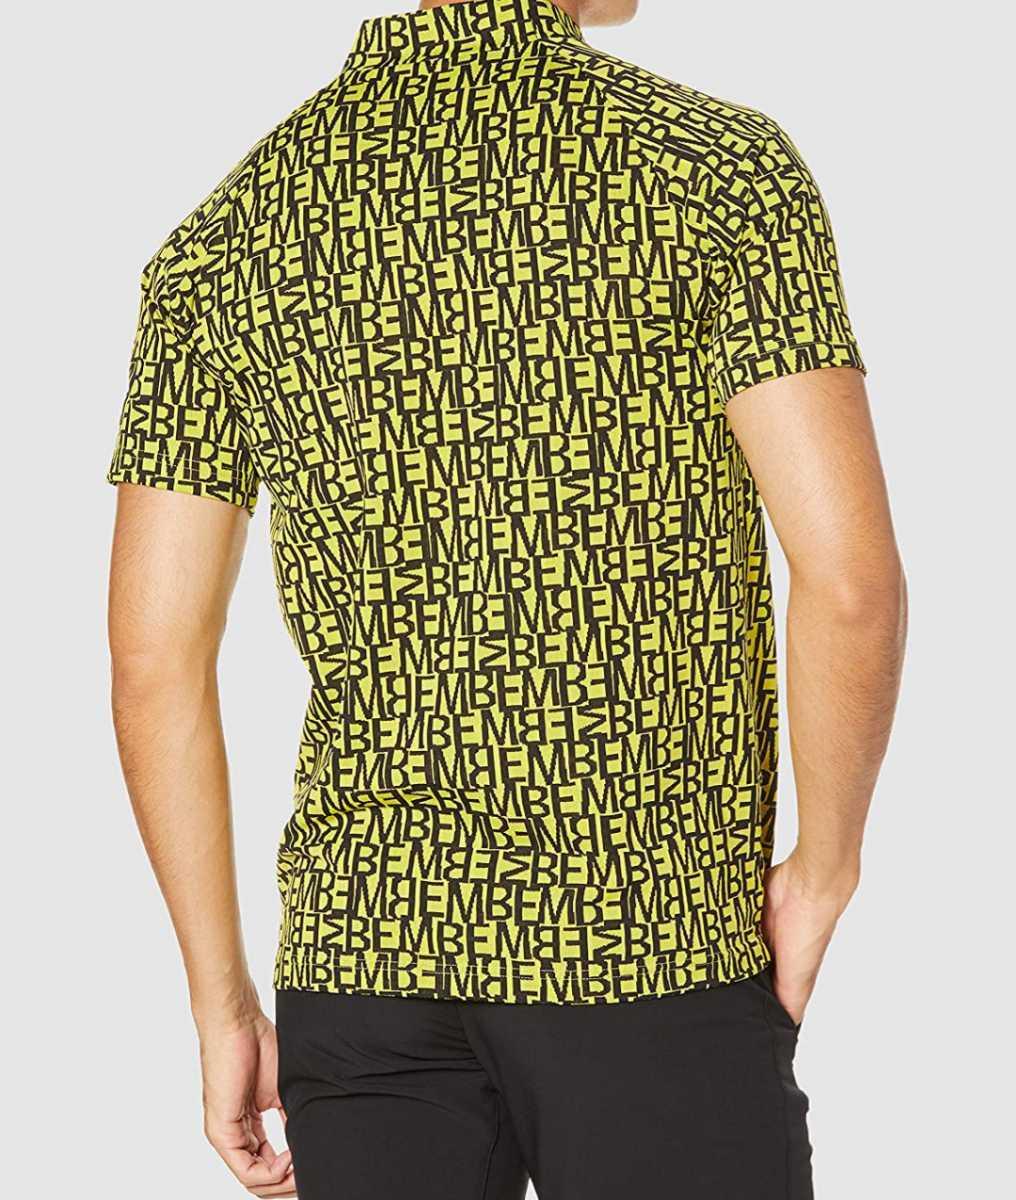 新品正規品 マスターバニー パーリーゲイツ サイズ5 総柄ロゴ ジャガード 軽量 ハイネック シャツ イエロー 送料無料_画像3